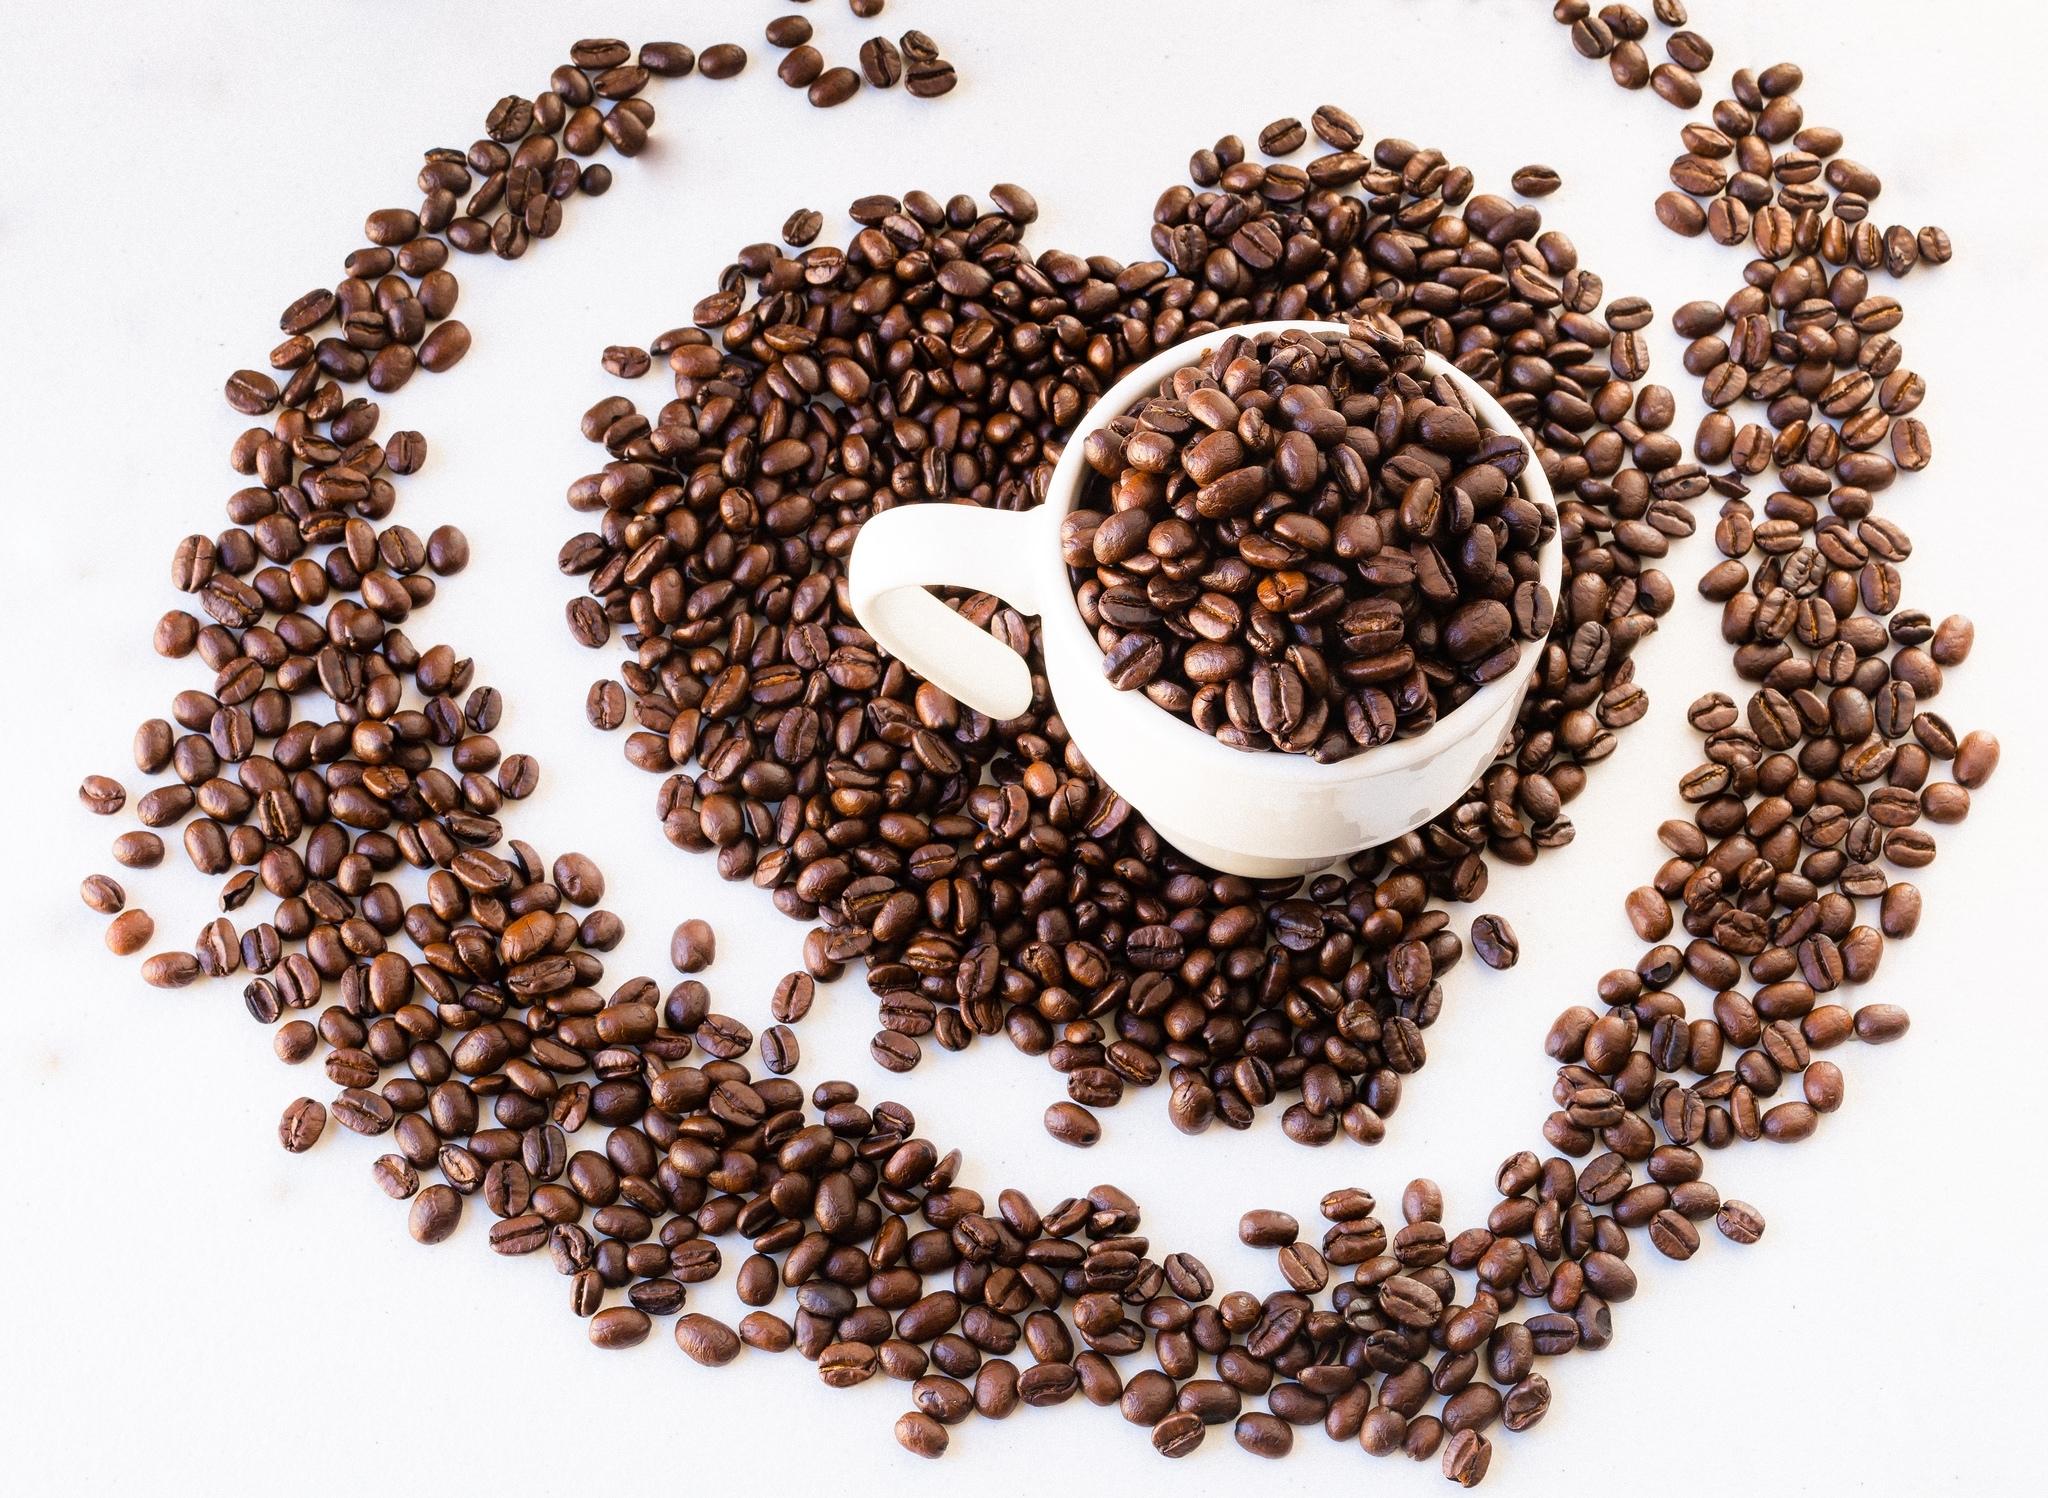 Зерновой кофе и кофе картинки